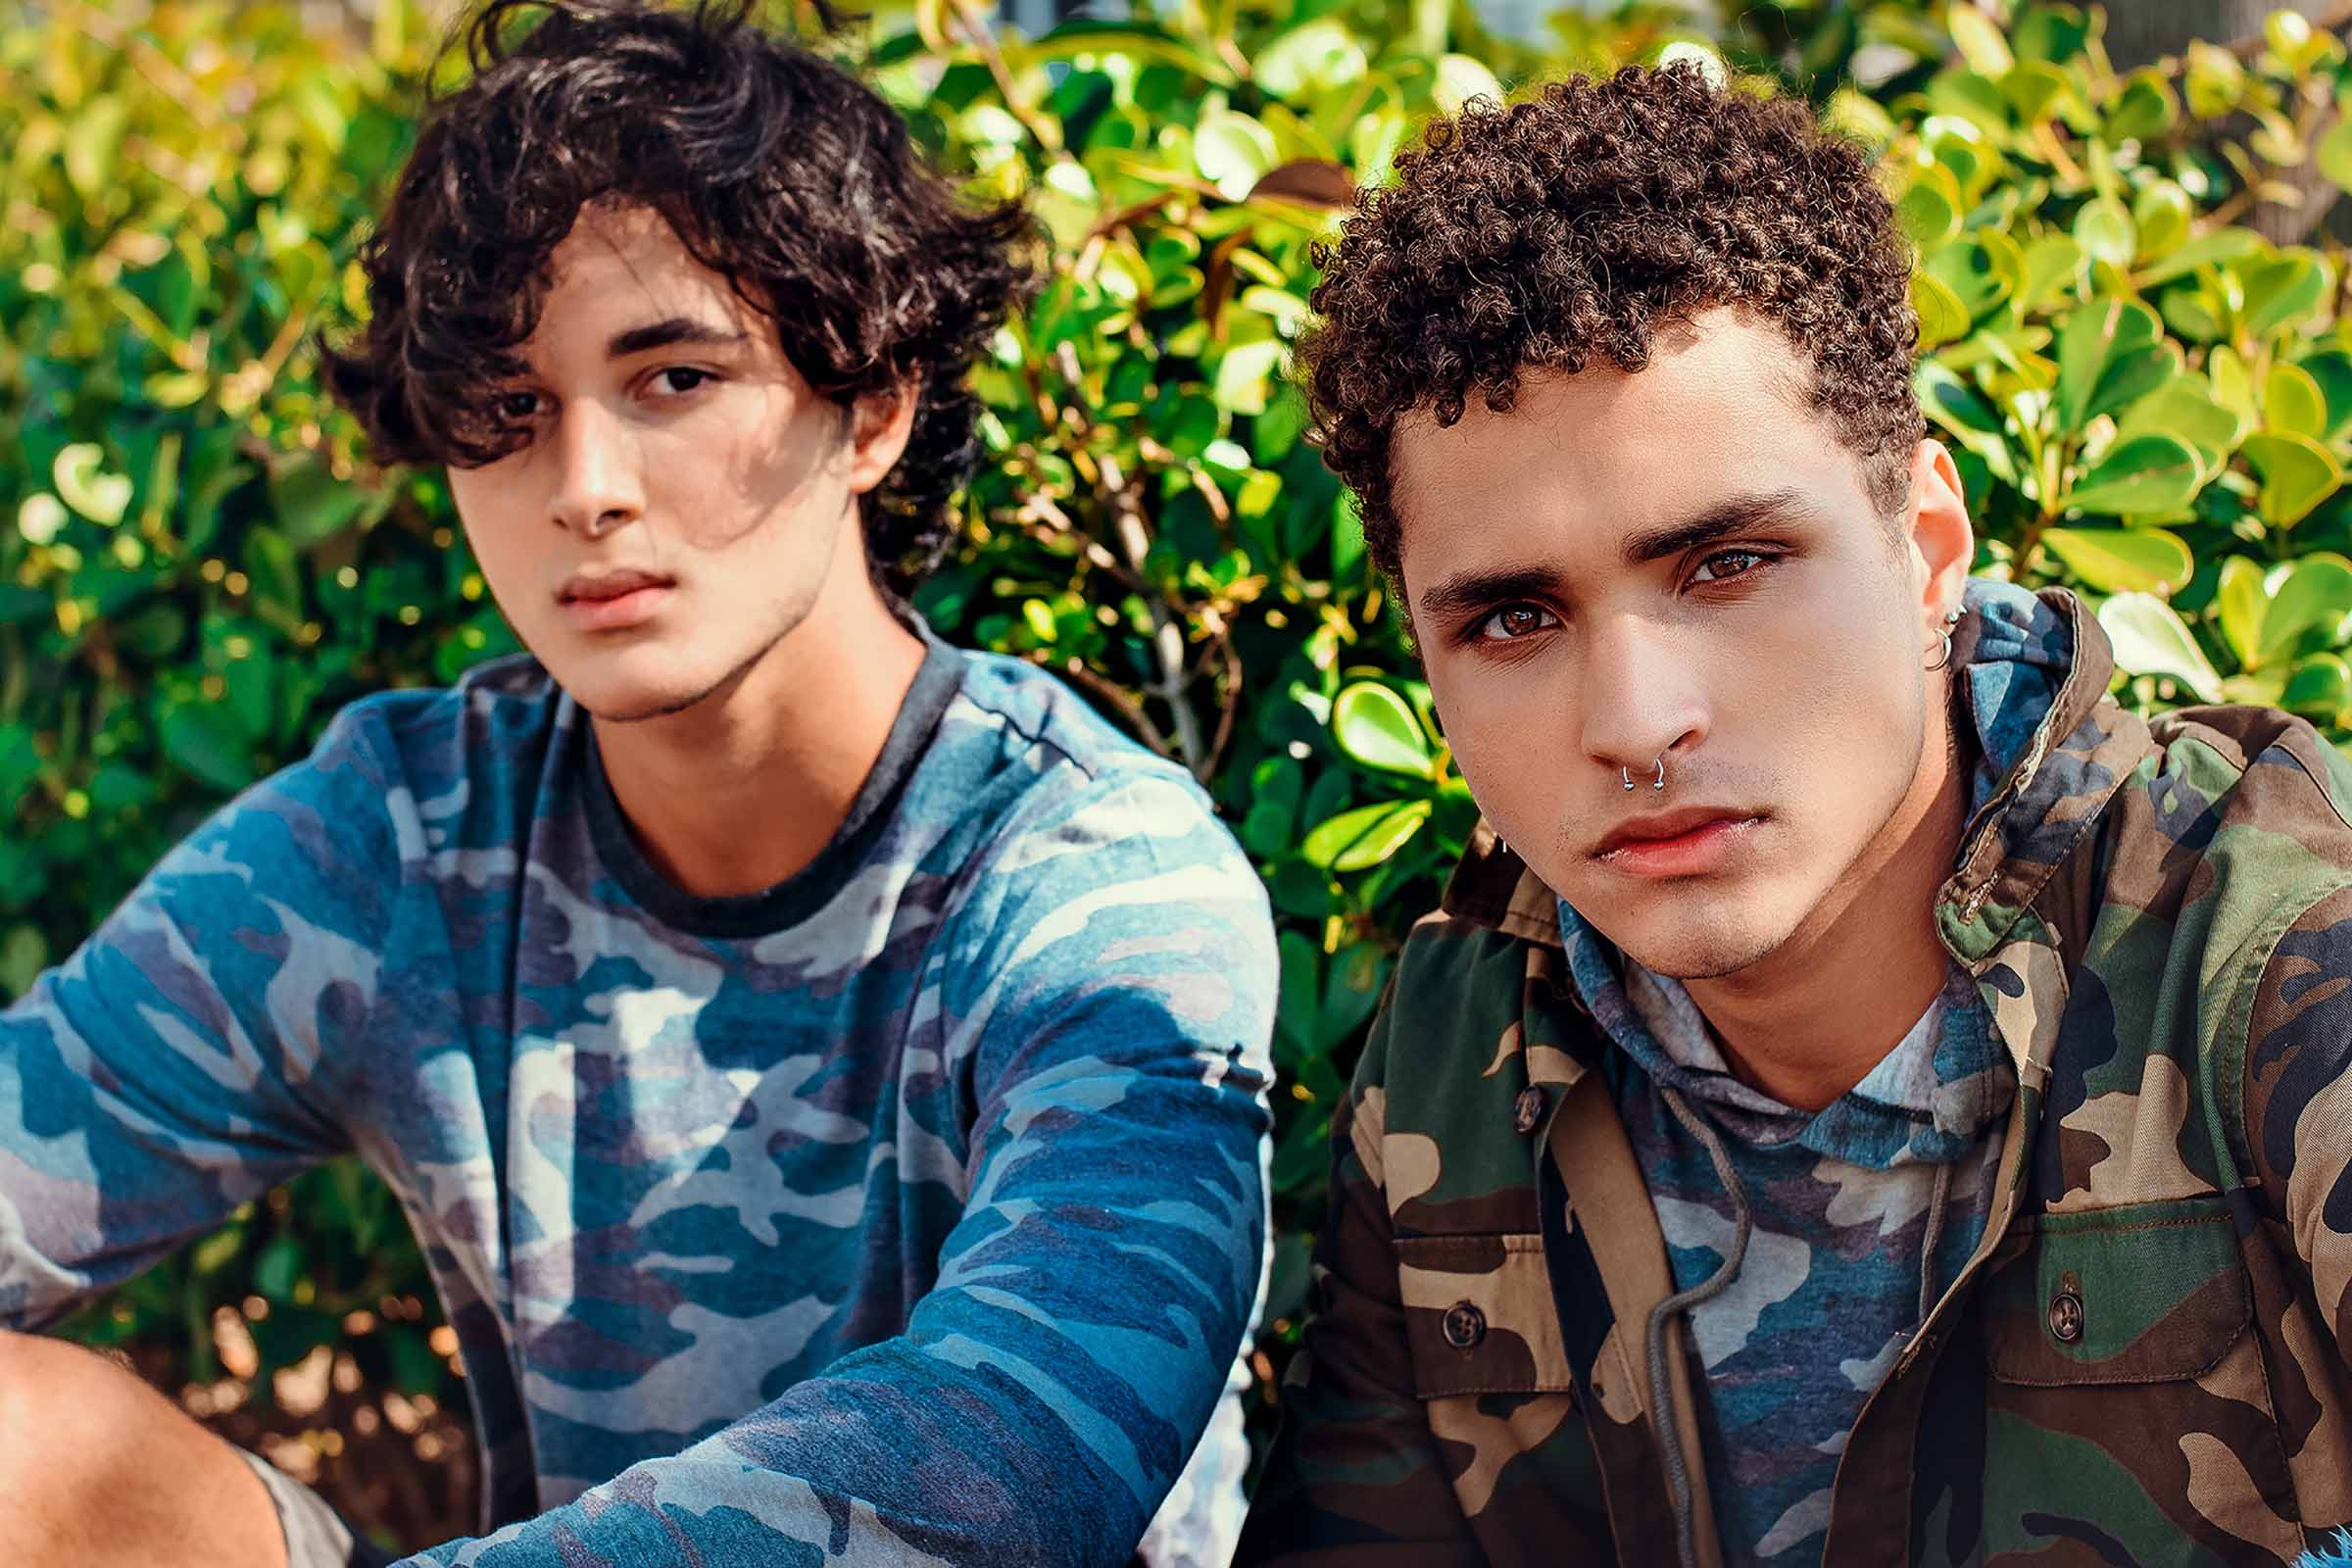 Juan Caldeira and Júlio Alves by Bruno Chagas